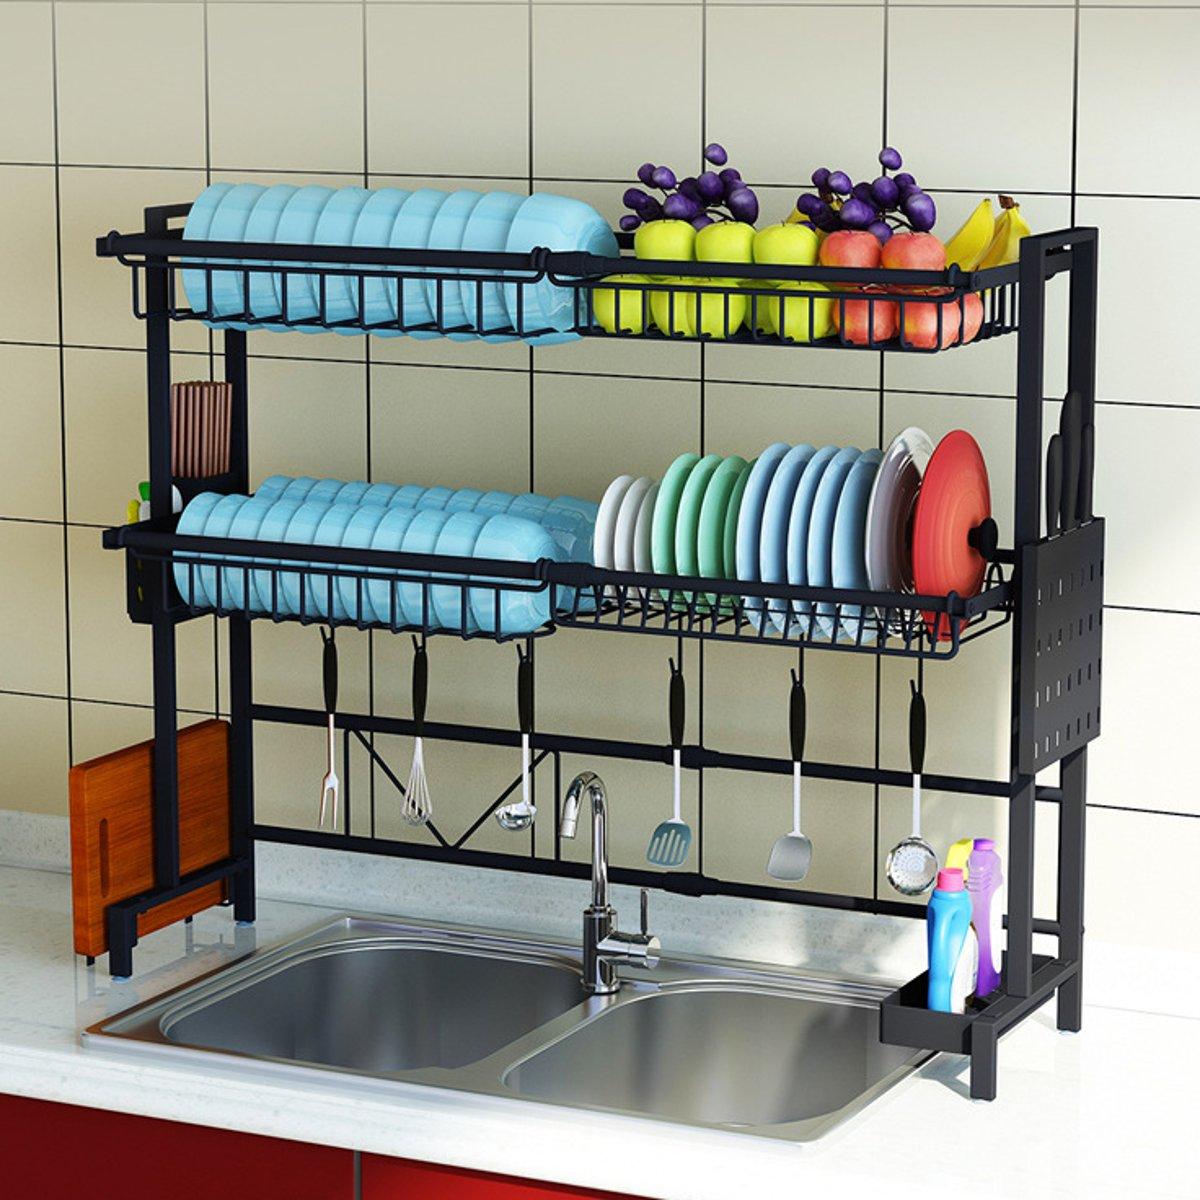 1/2 層マルチユースステンレス鋼食器ラックデュアルシンクドレインラック調節可能なキッチン Oragnizer ラック皿棚シンク乾燥ラック